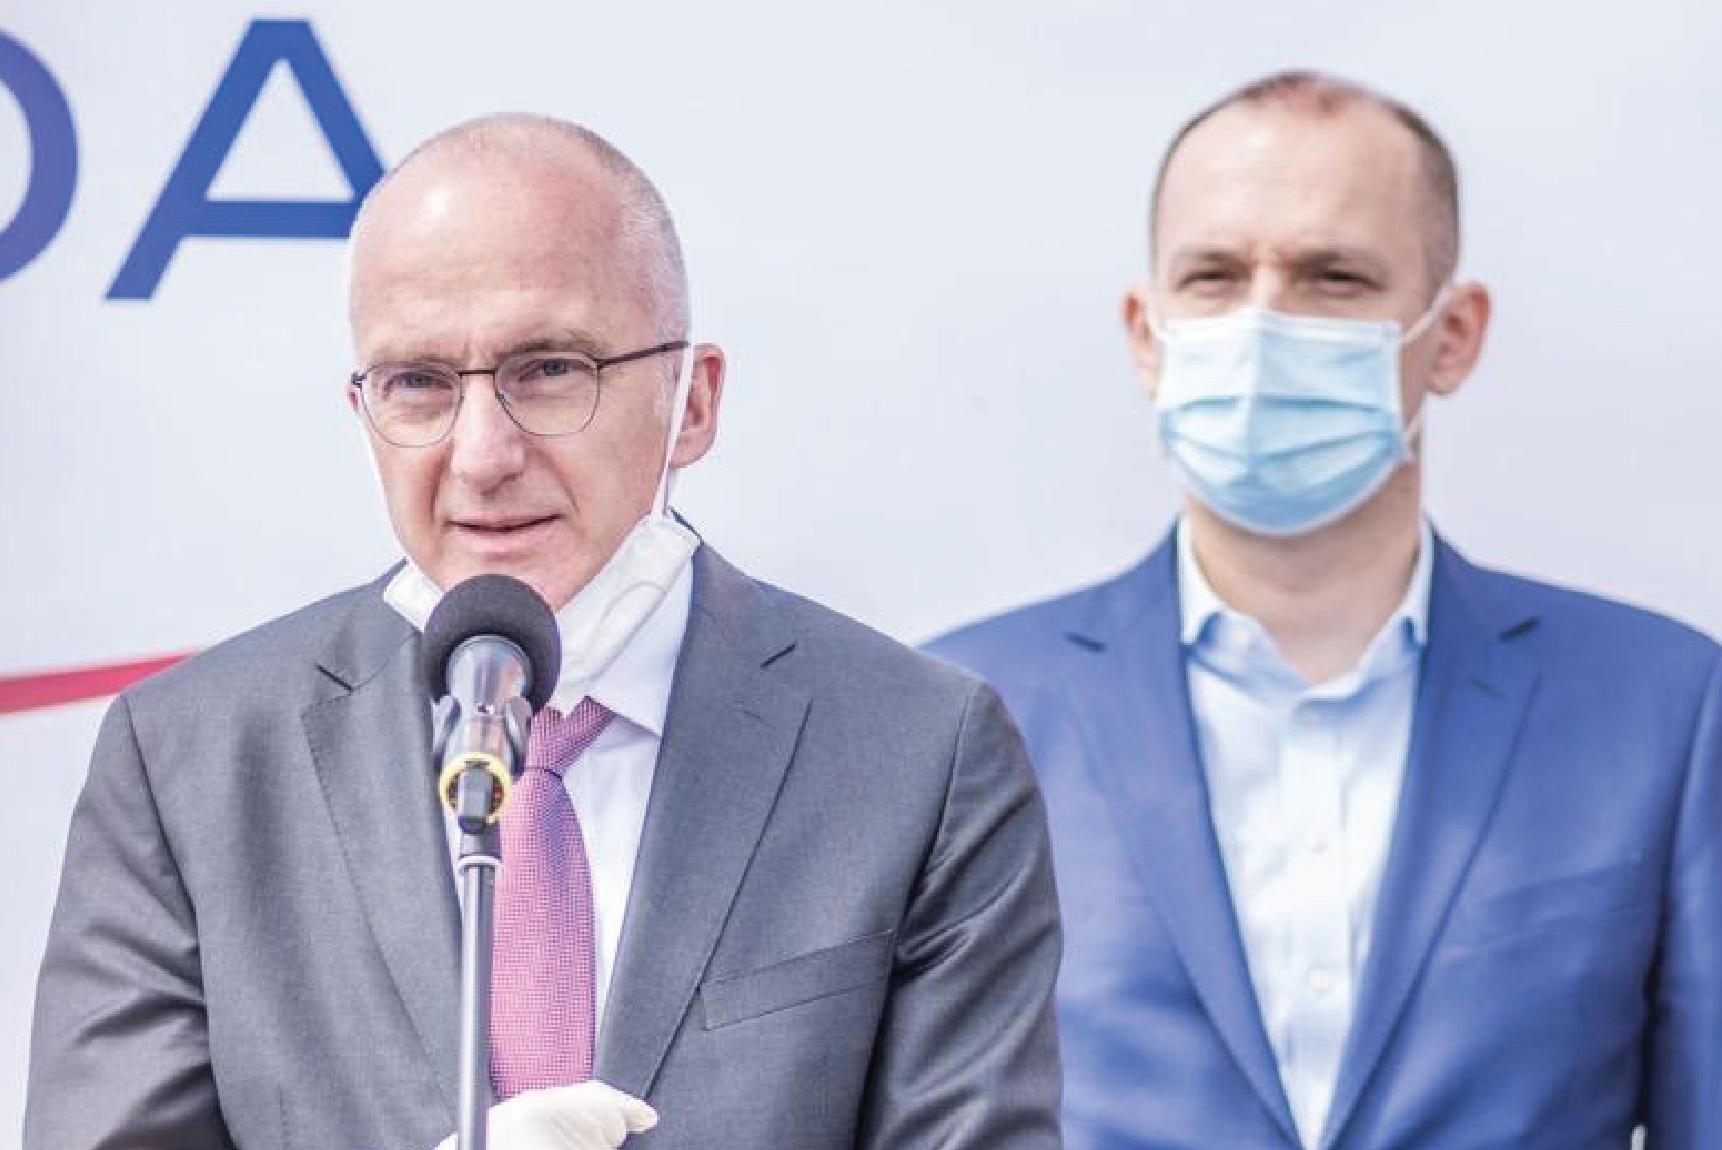 Немачки амбасадор Шиб: Похвале за здравствени систем Србије